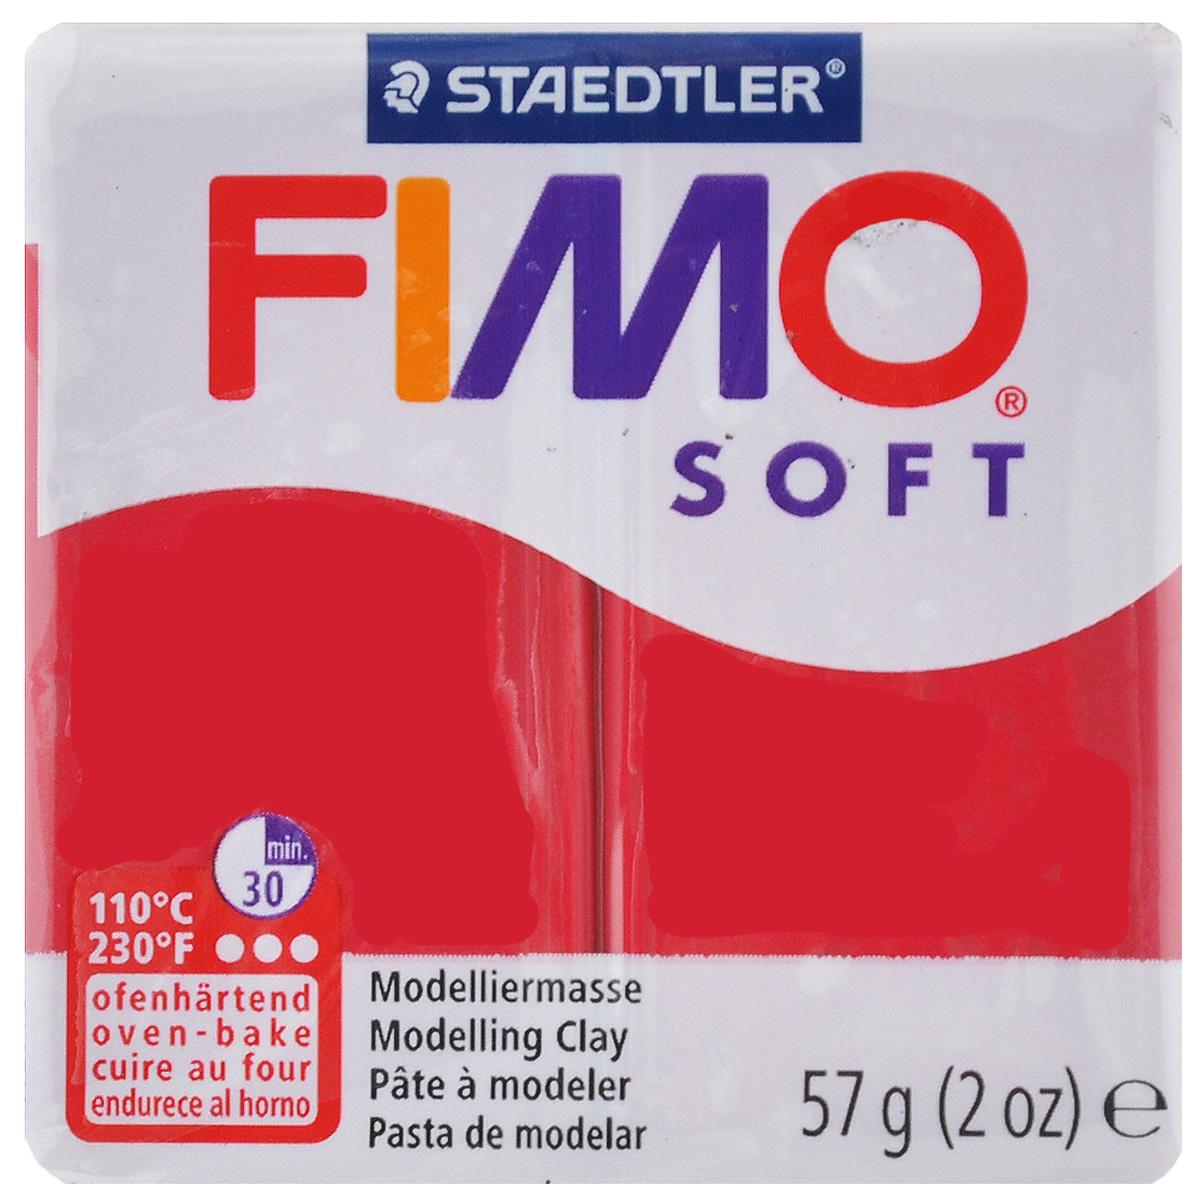 Полимерная глина Fimo Soft, цвет: вишневый, 56 г8020-26Мягкая глина на полимерной основе (пластика) Fimo Soft идеально подходит для лепки небольших изделий (украшений, скульптурок, кукол) и для моделирования. Глина обладает отличными пластичными свойствами, хорошо размягчается и лепится, легко смешивается между собой, благодаря чему можно создать огромное количество поделок любых цветов и оттенков. Блок поделен на восемь сегментов, что позволяет легче разделять глину на порции. В домашних условиях готовая поделка выпекается в духовом шкафу при температуре 110°С в течение 15-30 минут (в зависимости от величины изделия). Отвердевшие изделия могут быть раскрашены акриловыми красками, покрыты лаком, склеены друг с другом или с другими материалами.